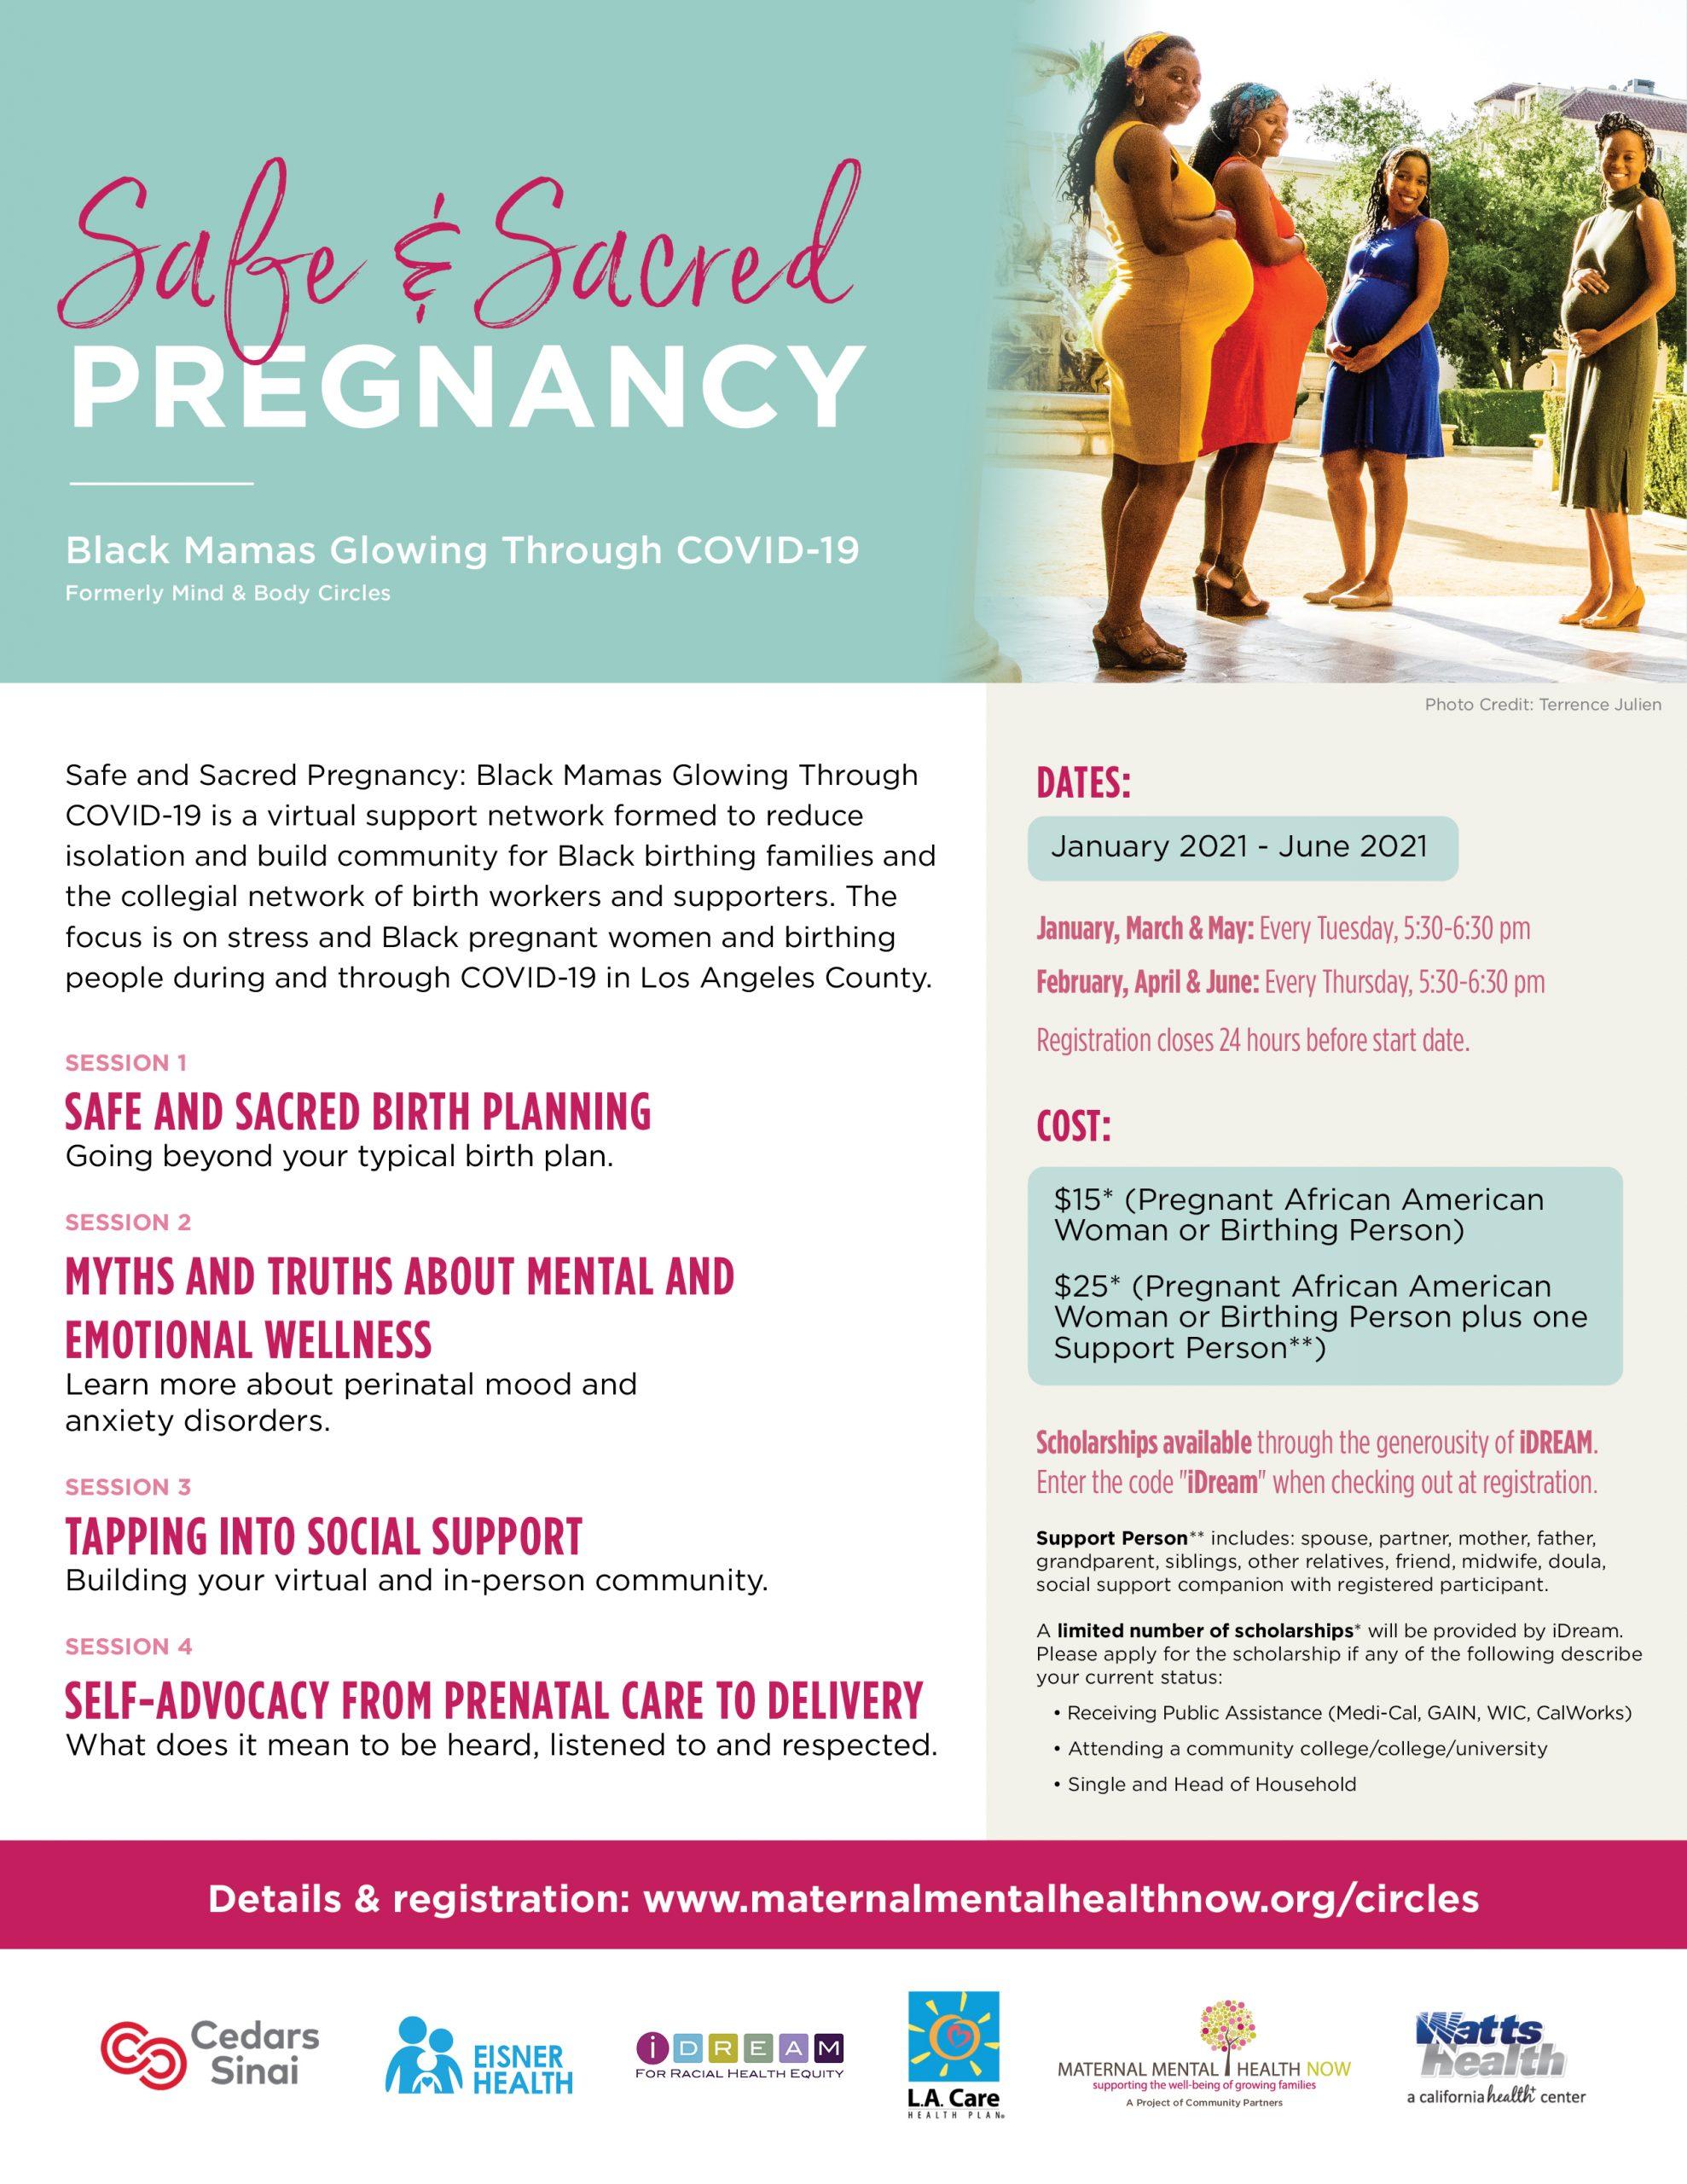 SAFE & SACRED PREGNANCY